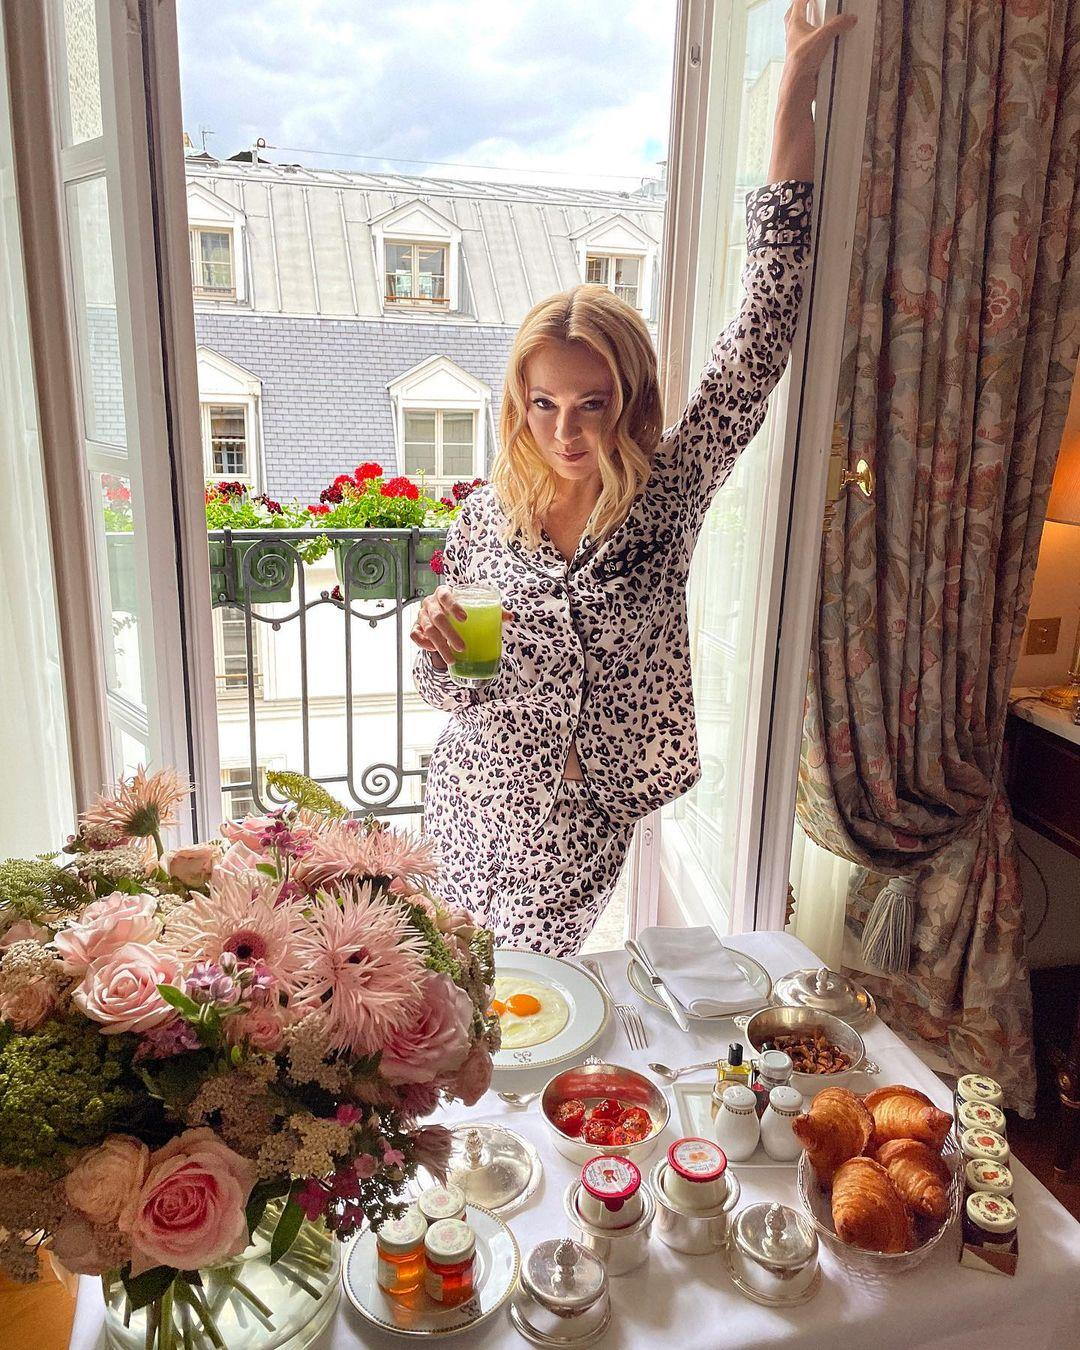 Яна Рудковская: чем больше вы меня обсуждаете, тем больше я зарабатываю!